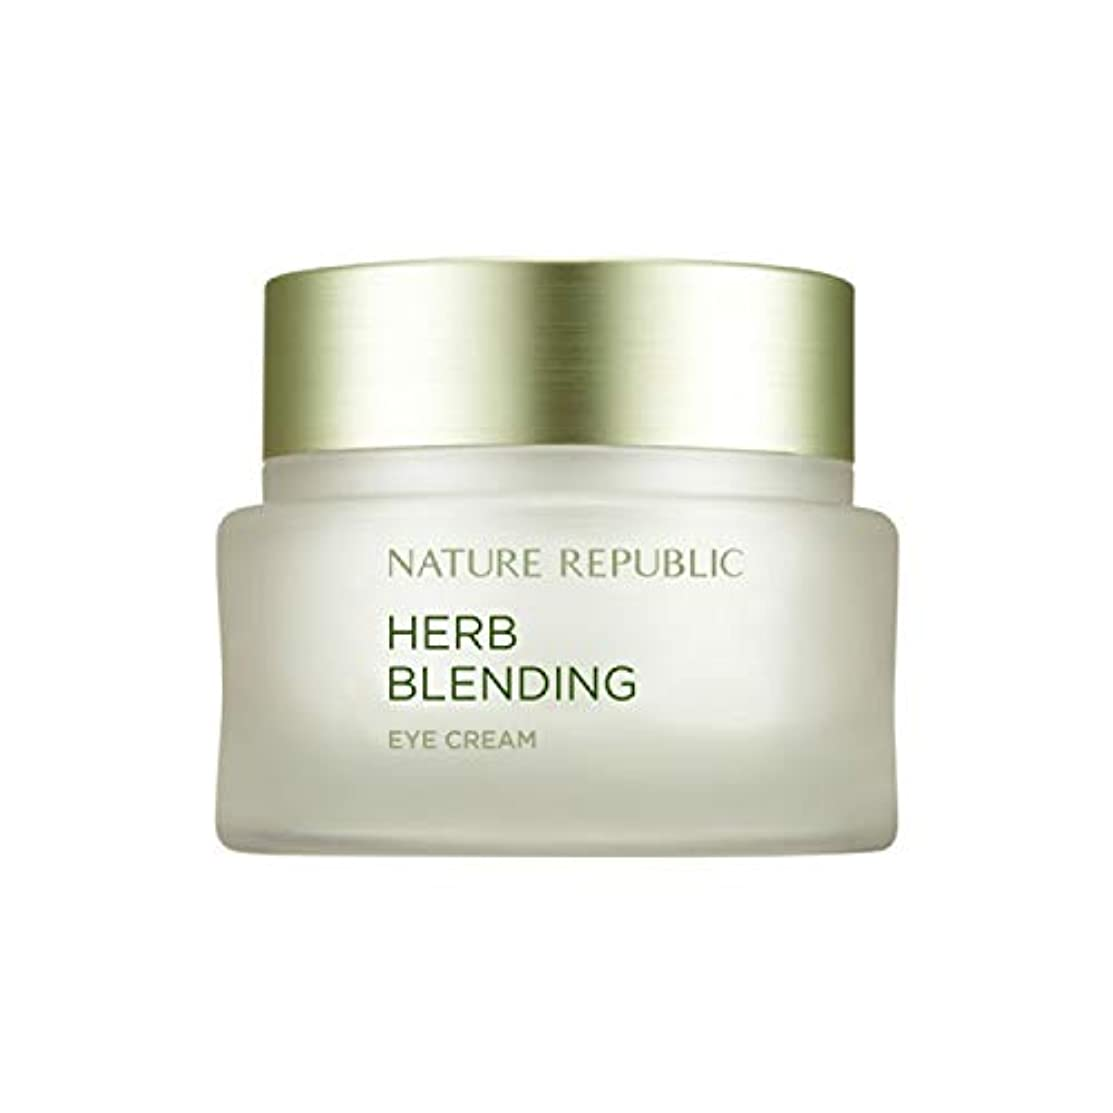 裏切り指定する百年ネイチャーリパブリック(Nature Republic)ハブブレンドアイクリーム 25ml / Herb Blending Eye Cream 25ml :: 韓国コスメ [並行輸入品]